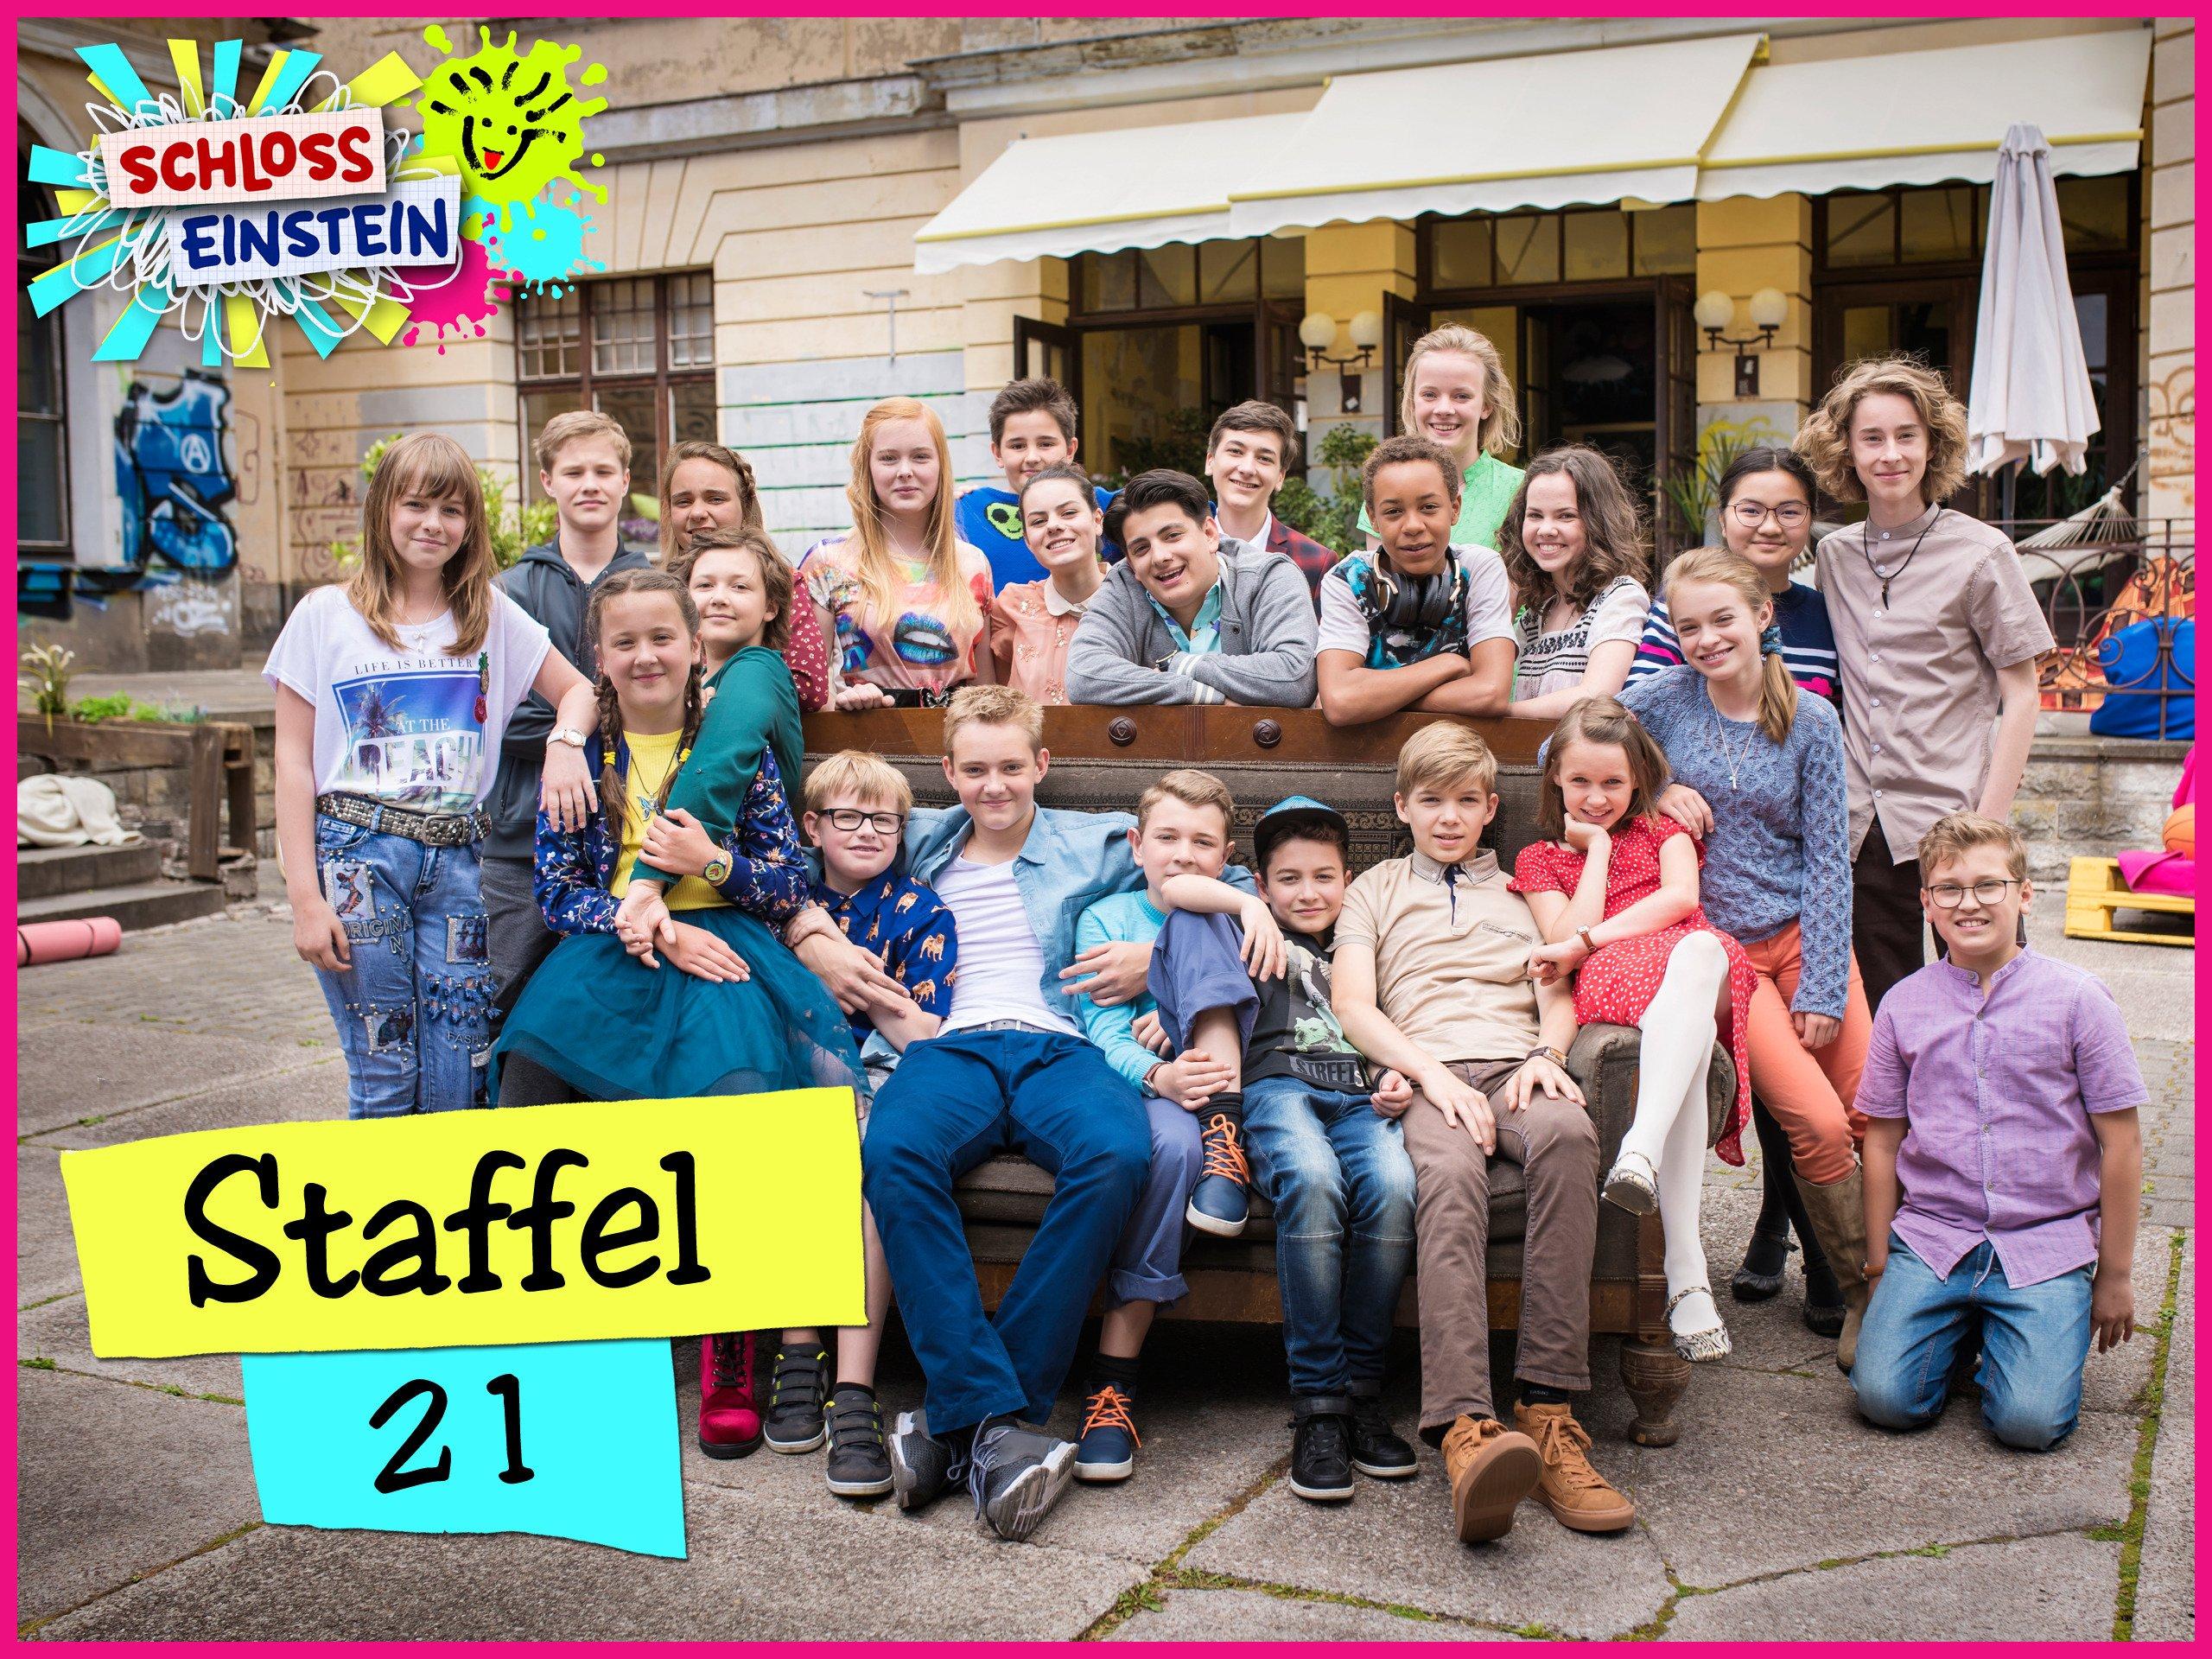 Schloss Einstein Staffel 18